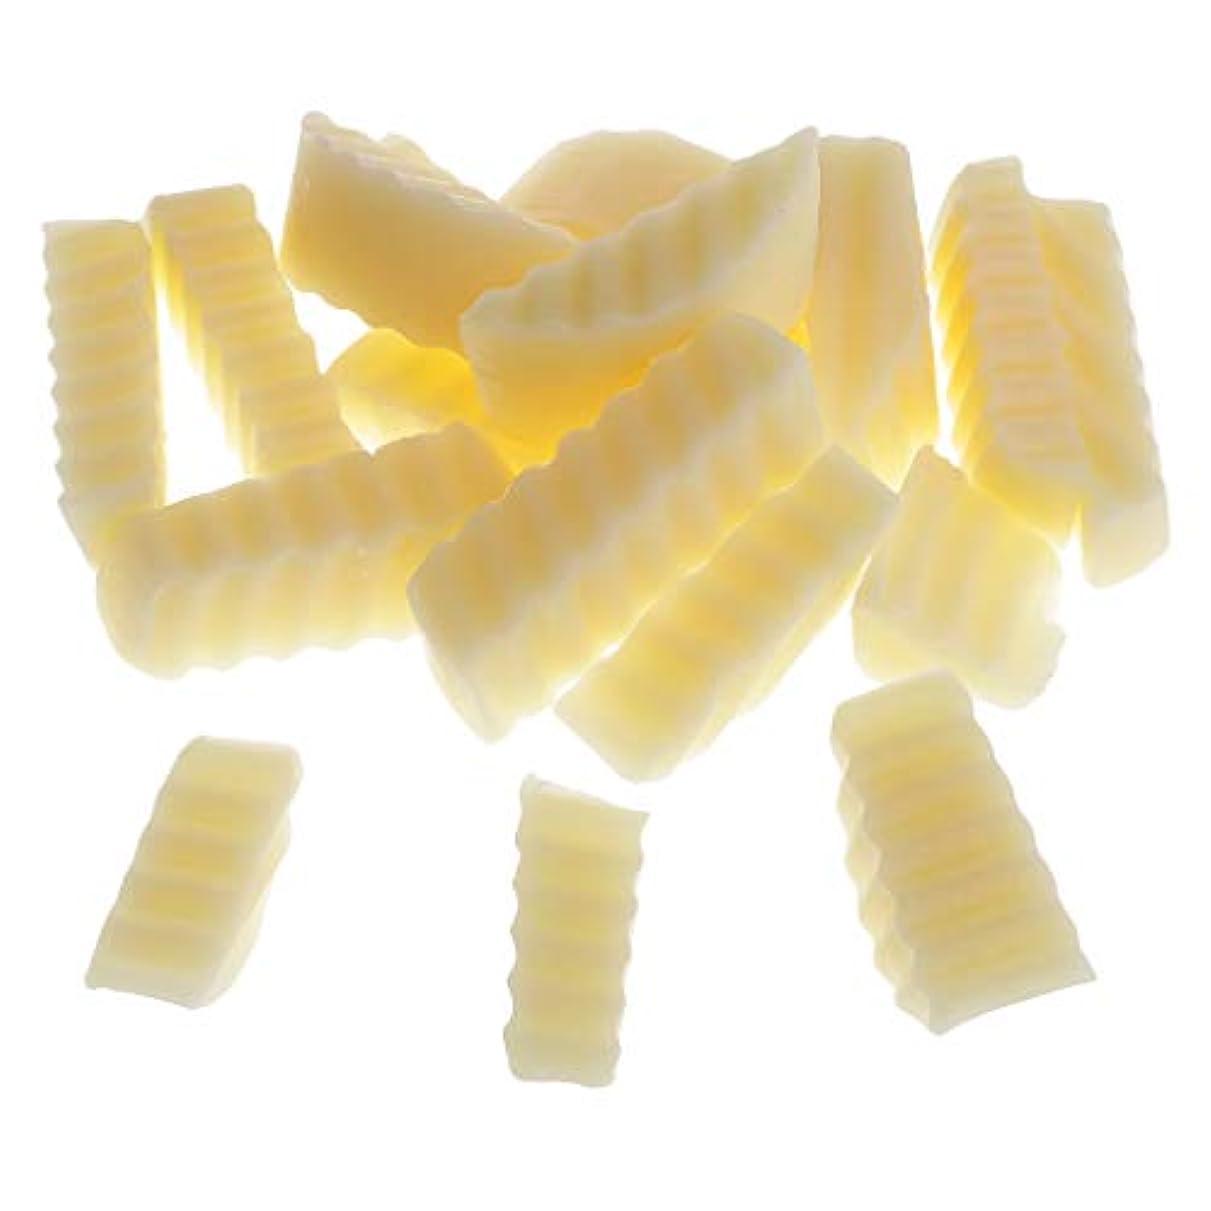 準備美容師予防接種FLAMEER ラノリン石鹸 自然な素材 DIY手作り 石鹸 固形せっけん 約250g /パック 高品質